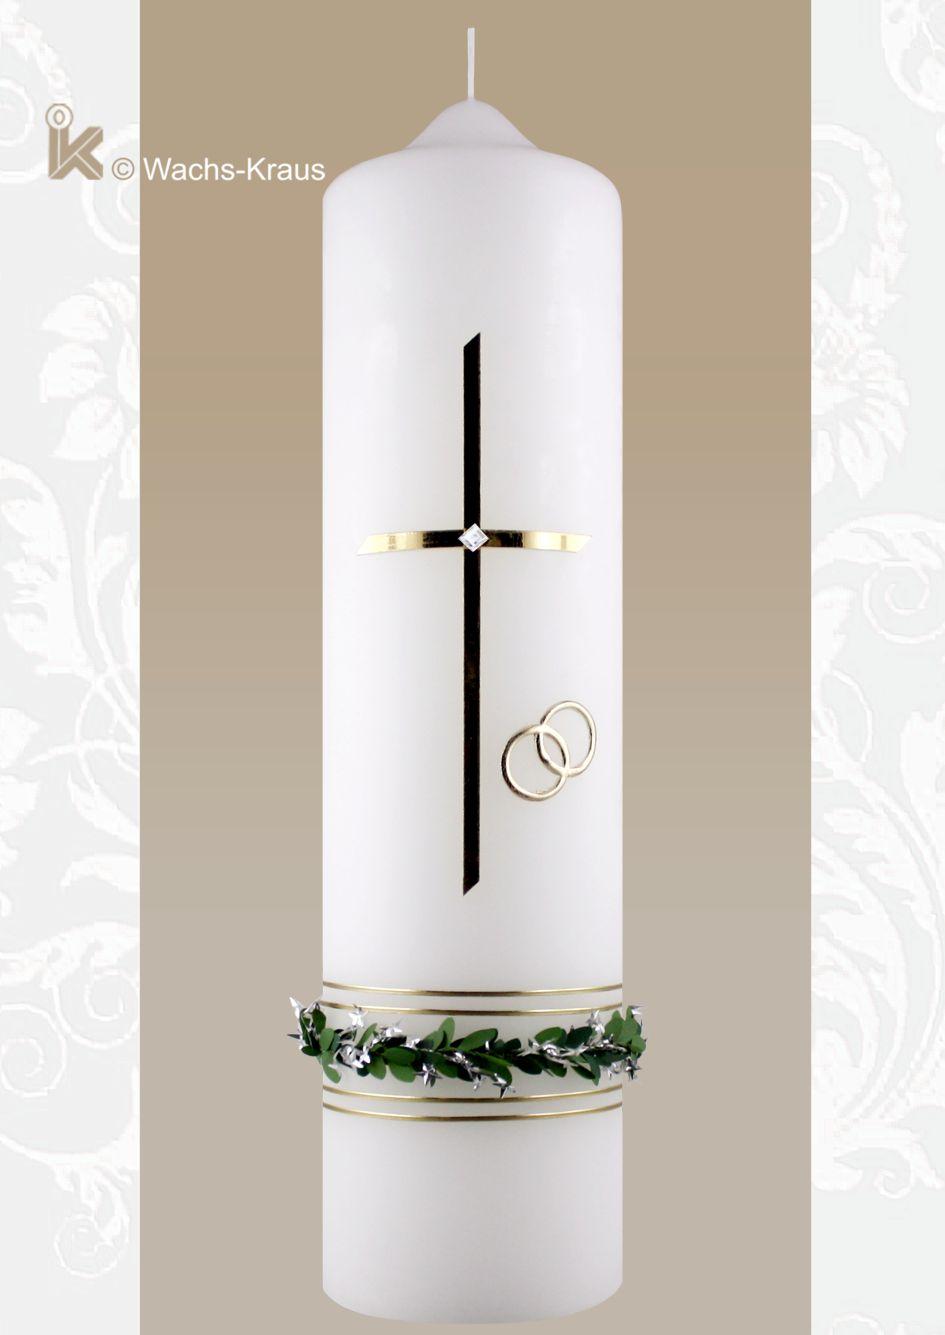 Eine Hochzeitskerze mit Charme. Ein einfaches Kreuz mit einem kleinen Stein, ein textil-Myrtenkranz, zwei Ringe und ein feines Abschlussband.